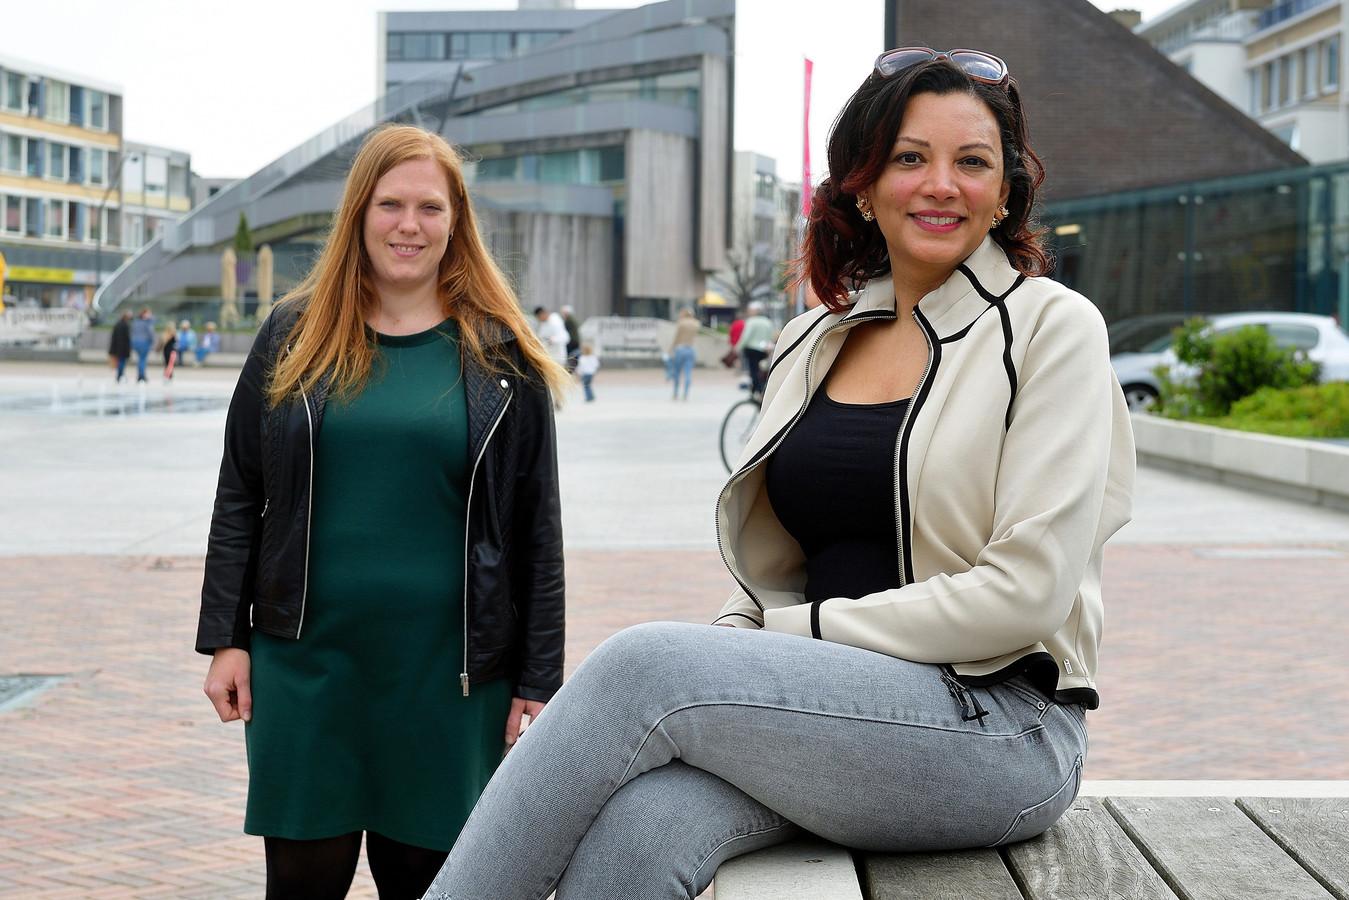 Anouska Vos (rechts) is coördinator bij stichting Buurtgezinnen. Alleenstaande moeder van vier kinderen Karin (links) heeft veel gehad aan de hulp: ,,Fijn dat dat zo kan.''